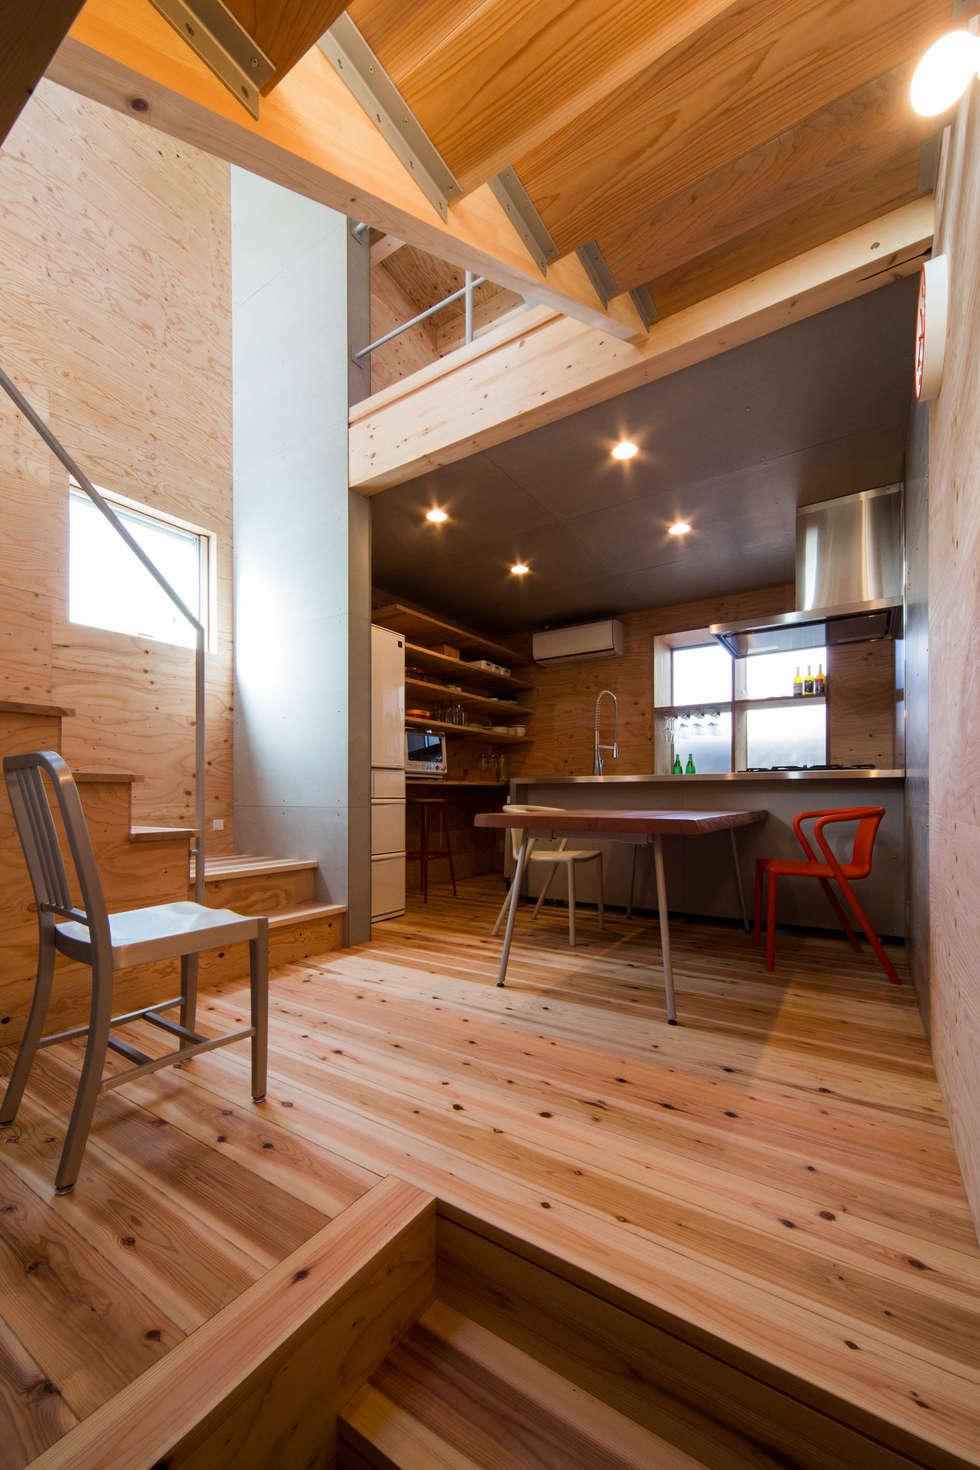 階段とダイニングキッチン: アトリエセッテン一級建築士事務所が手掛けたダイニングです。